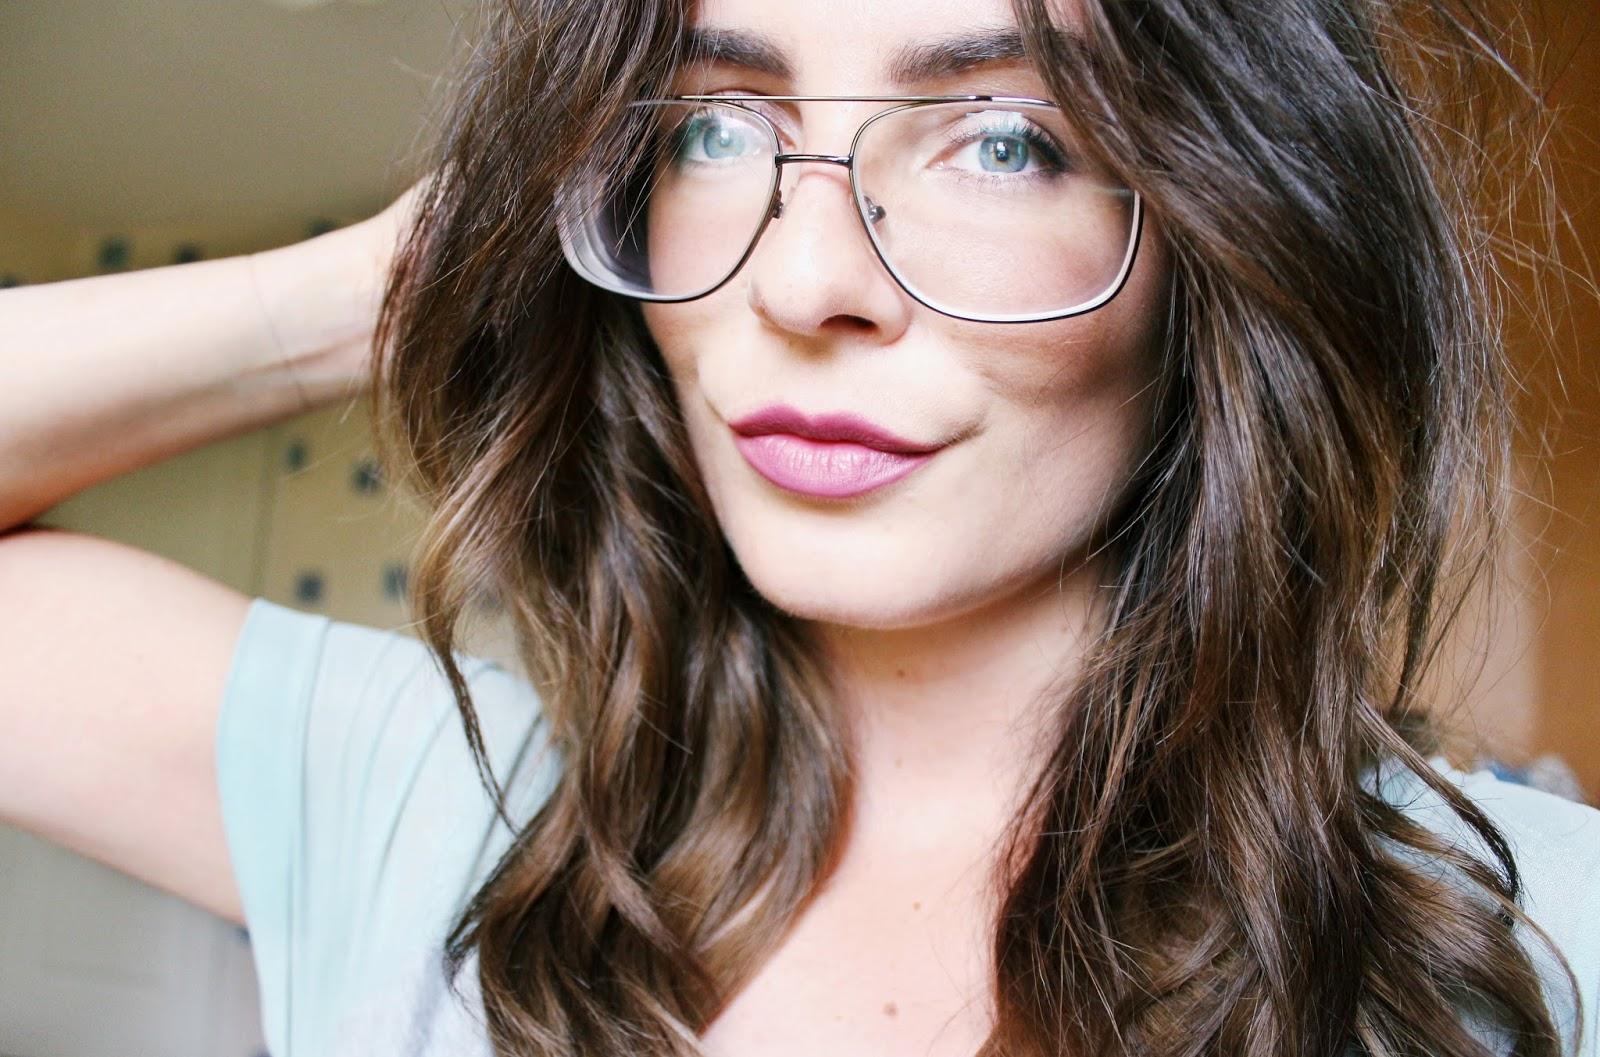 wavy hair routine